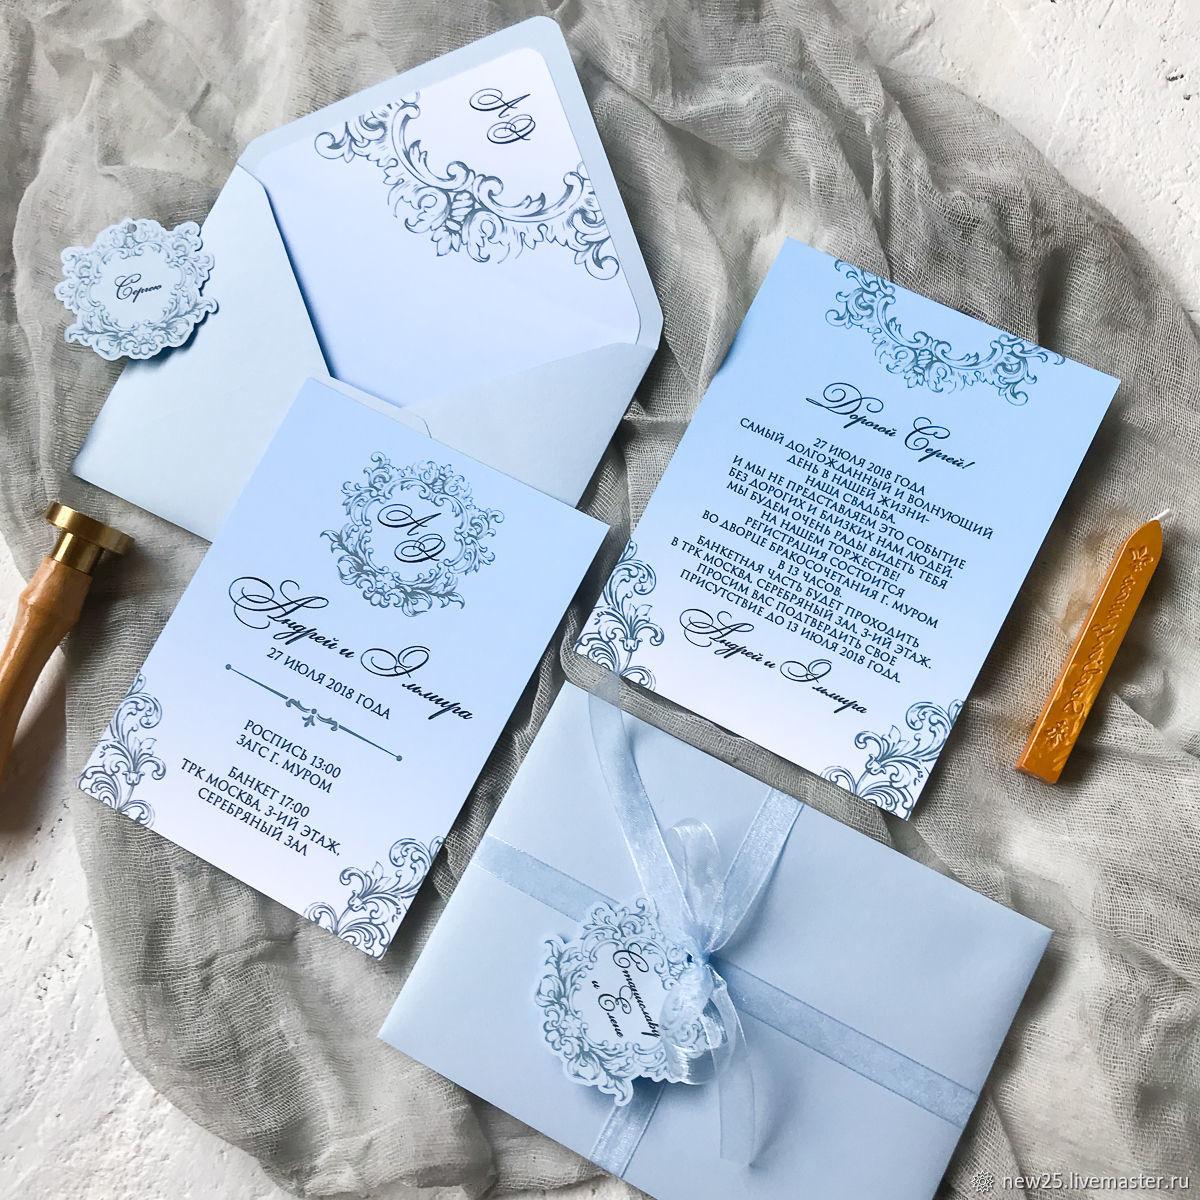 дня приглашения на свадьбу с иллюстрациями думали, что